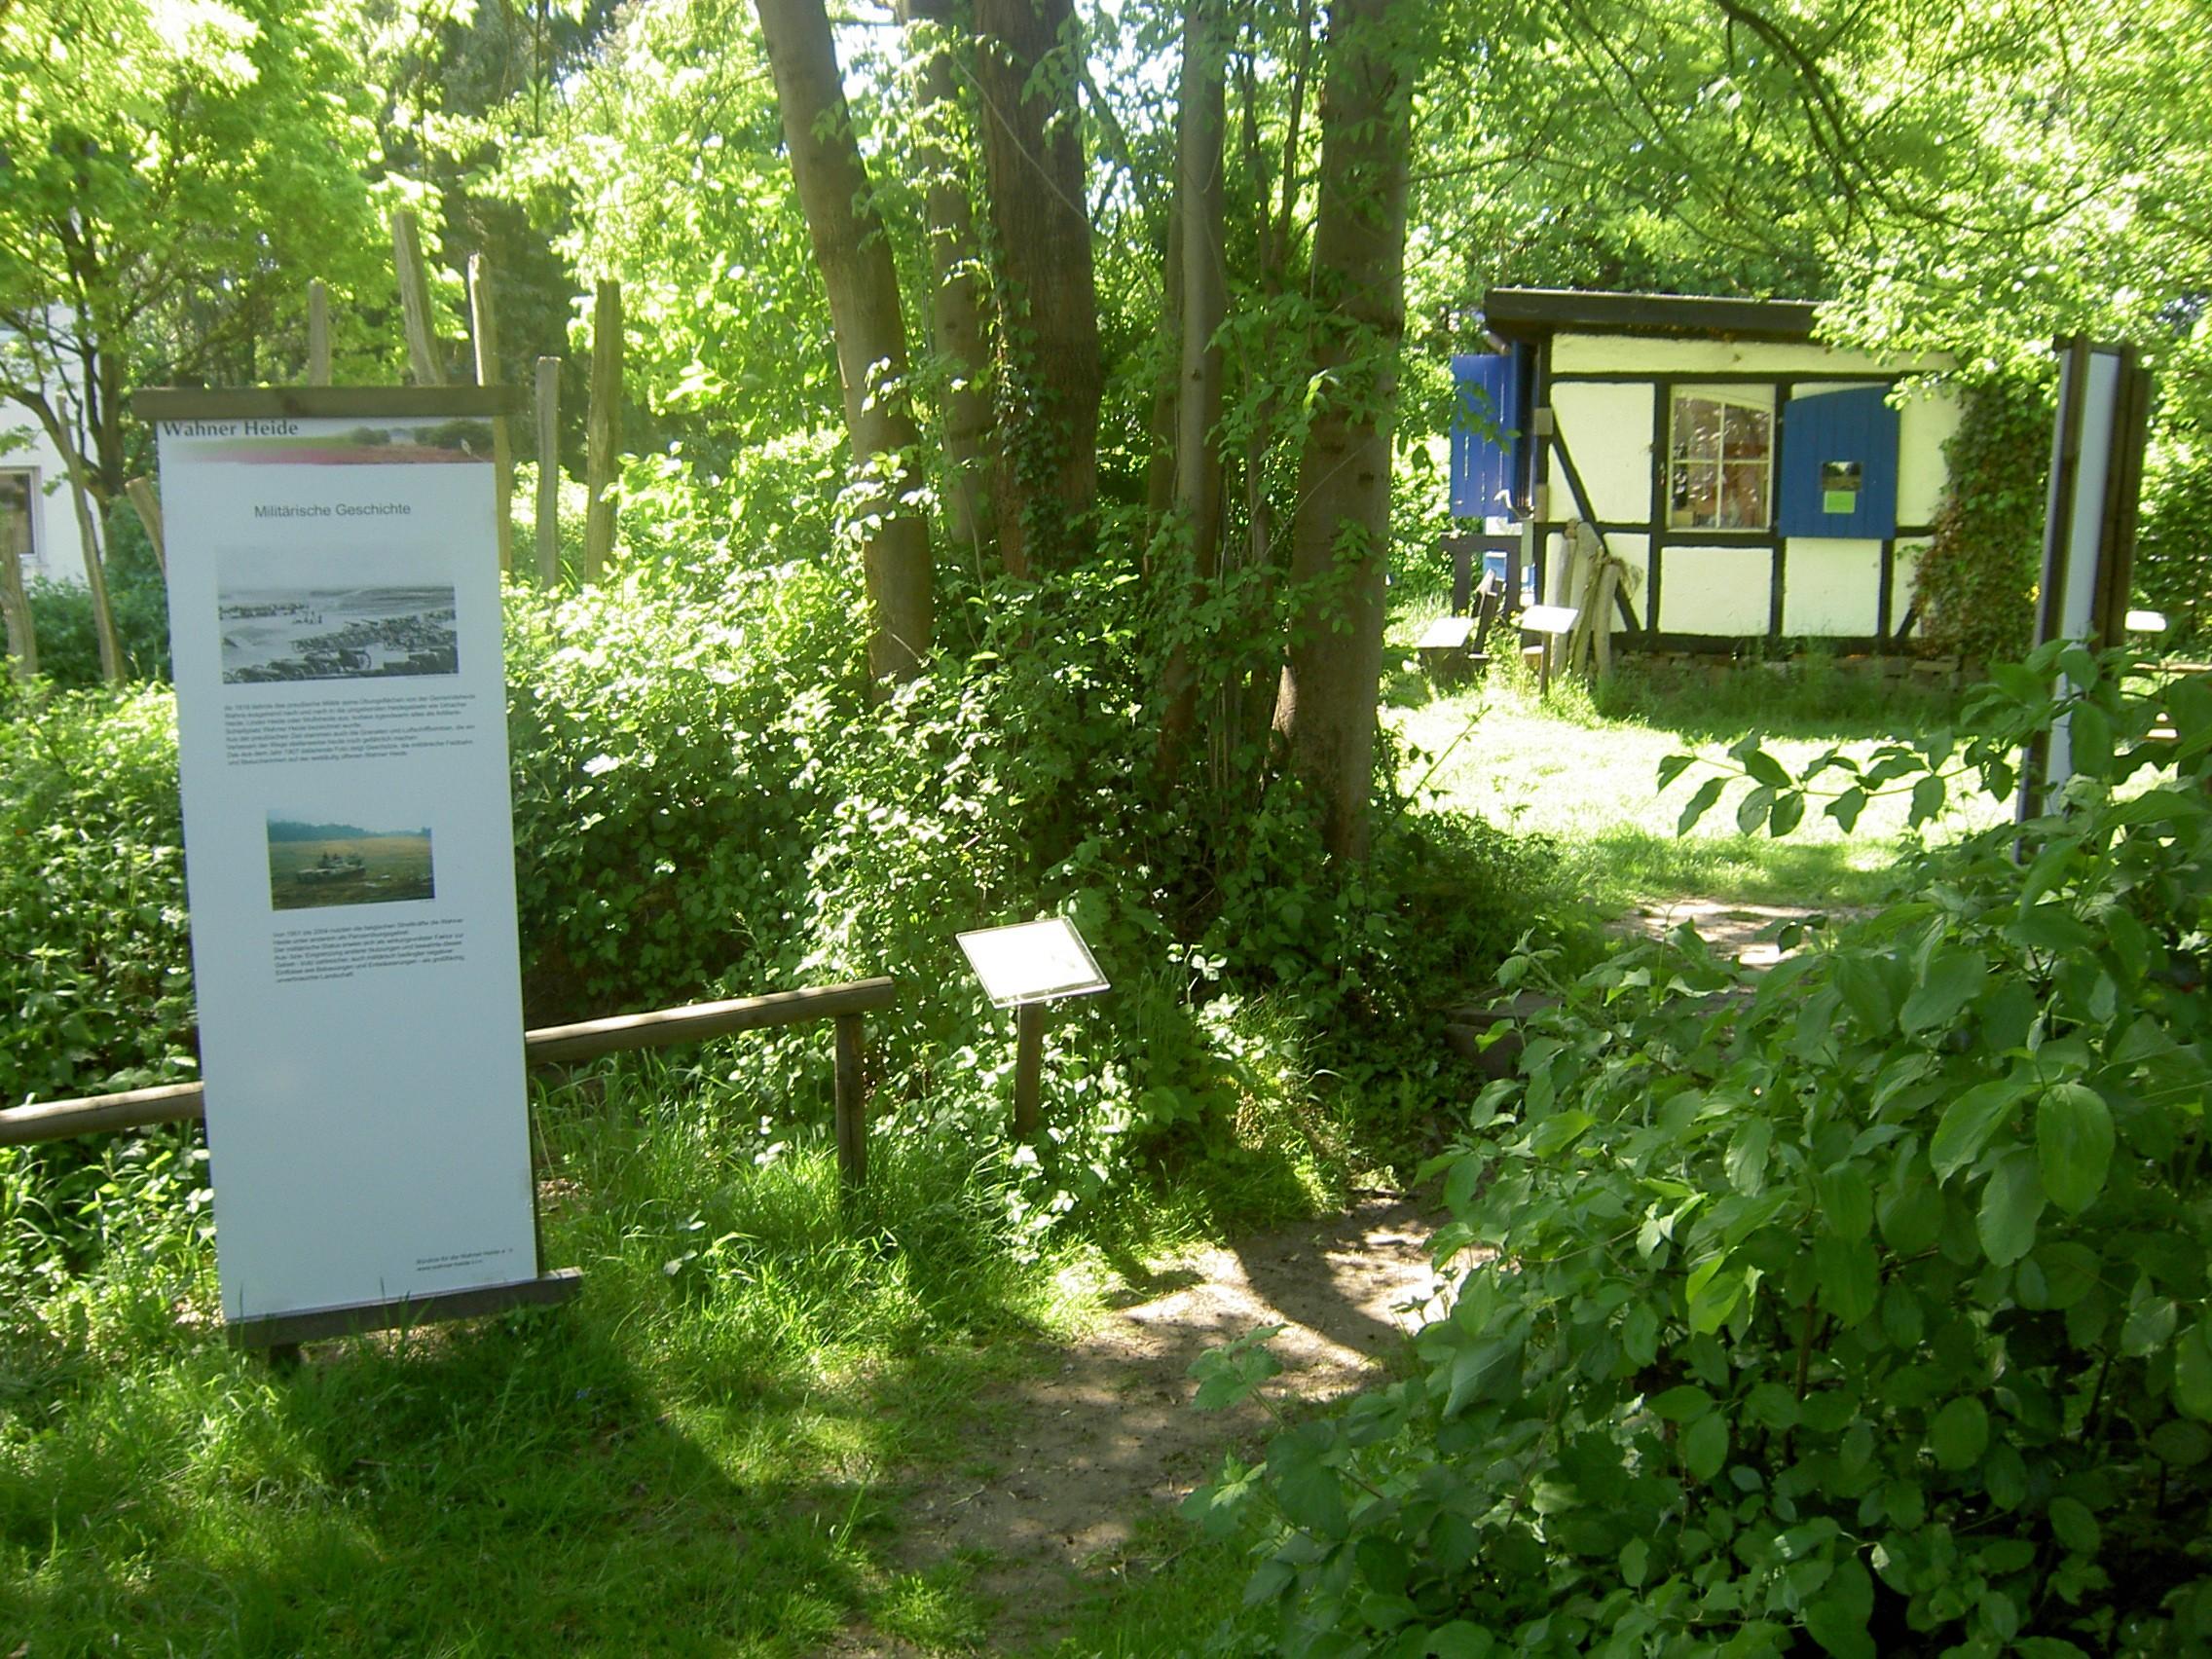 Infozentrum Wahner Heide